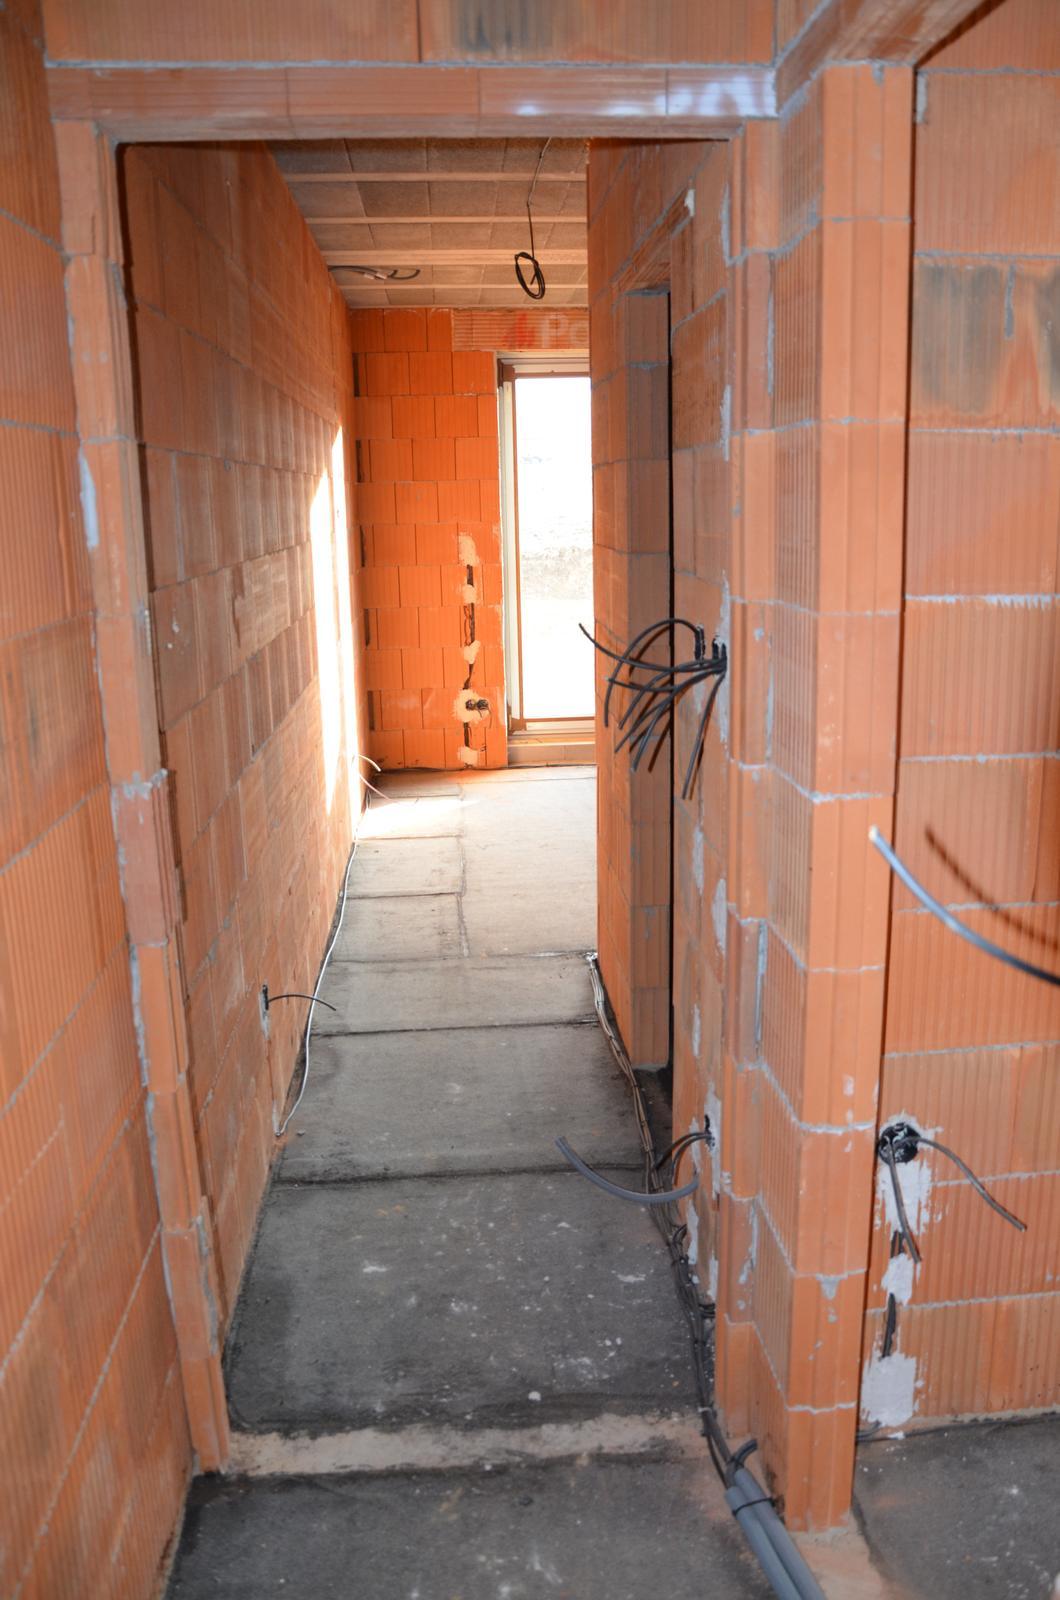 Náš budúci domov - Pokračujeme - kúrenie, voda, elektrika: chodba - v pravo kúpeľňa rodičia - šatník v spálni a spálňa. 28.2.2016